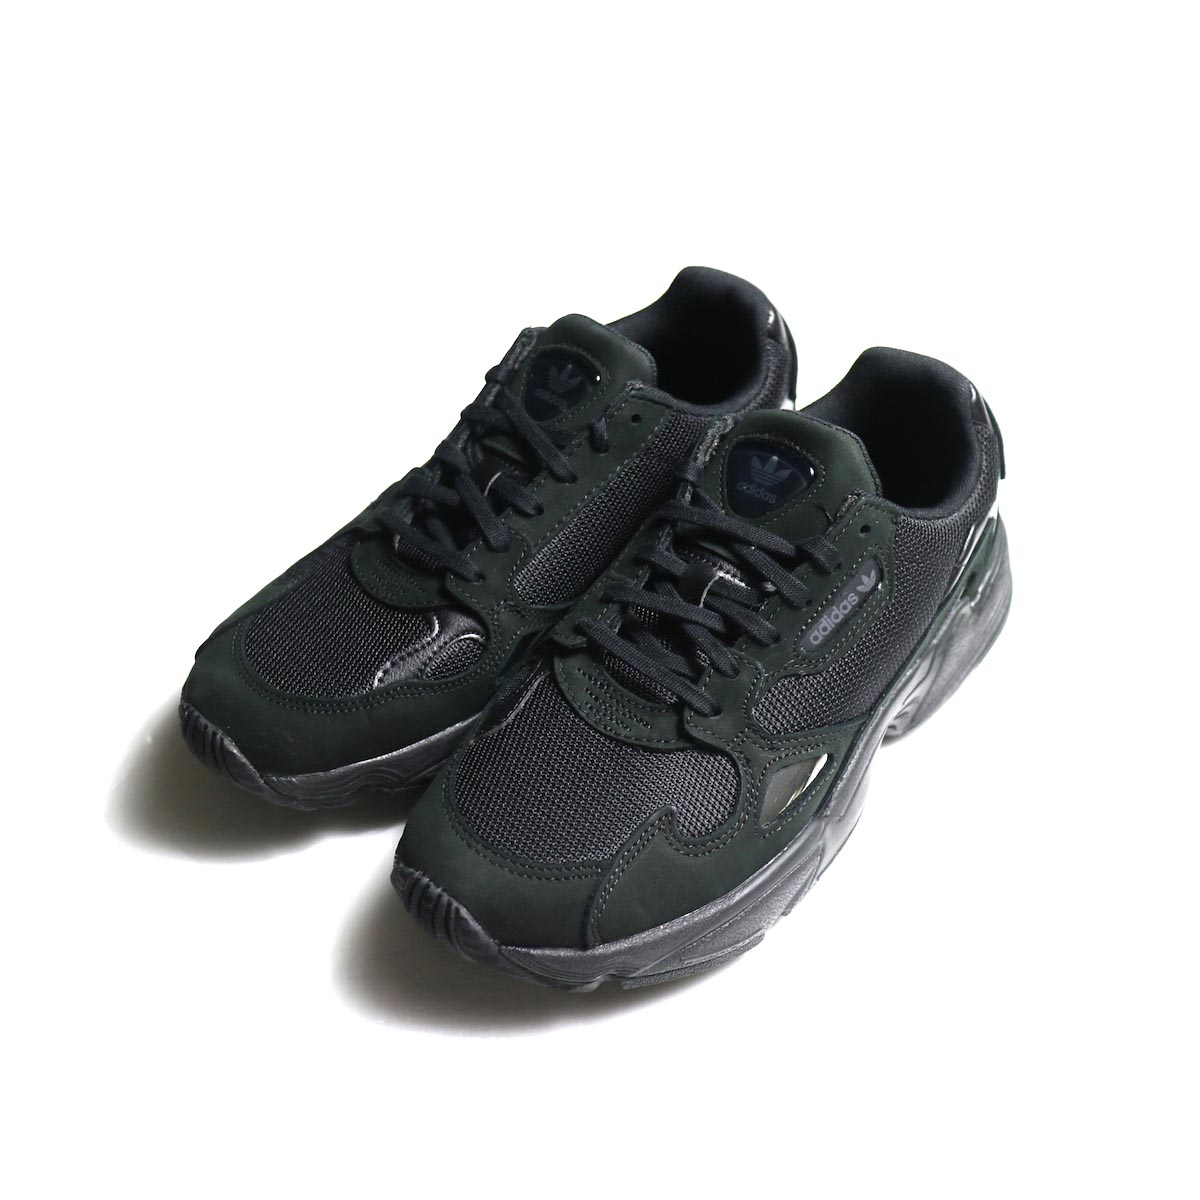 adidas originals / ADIDASFALCON W (Black)